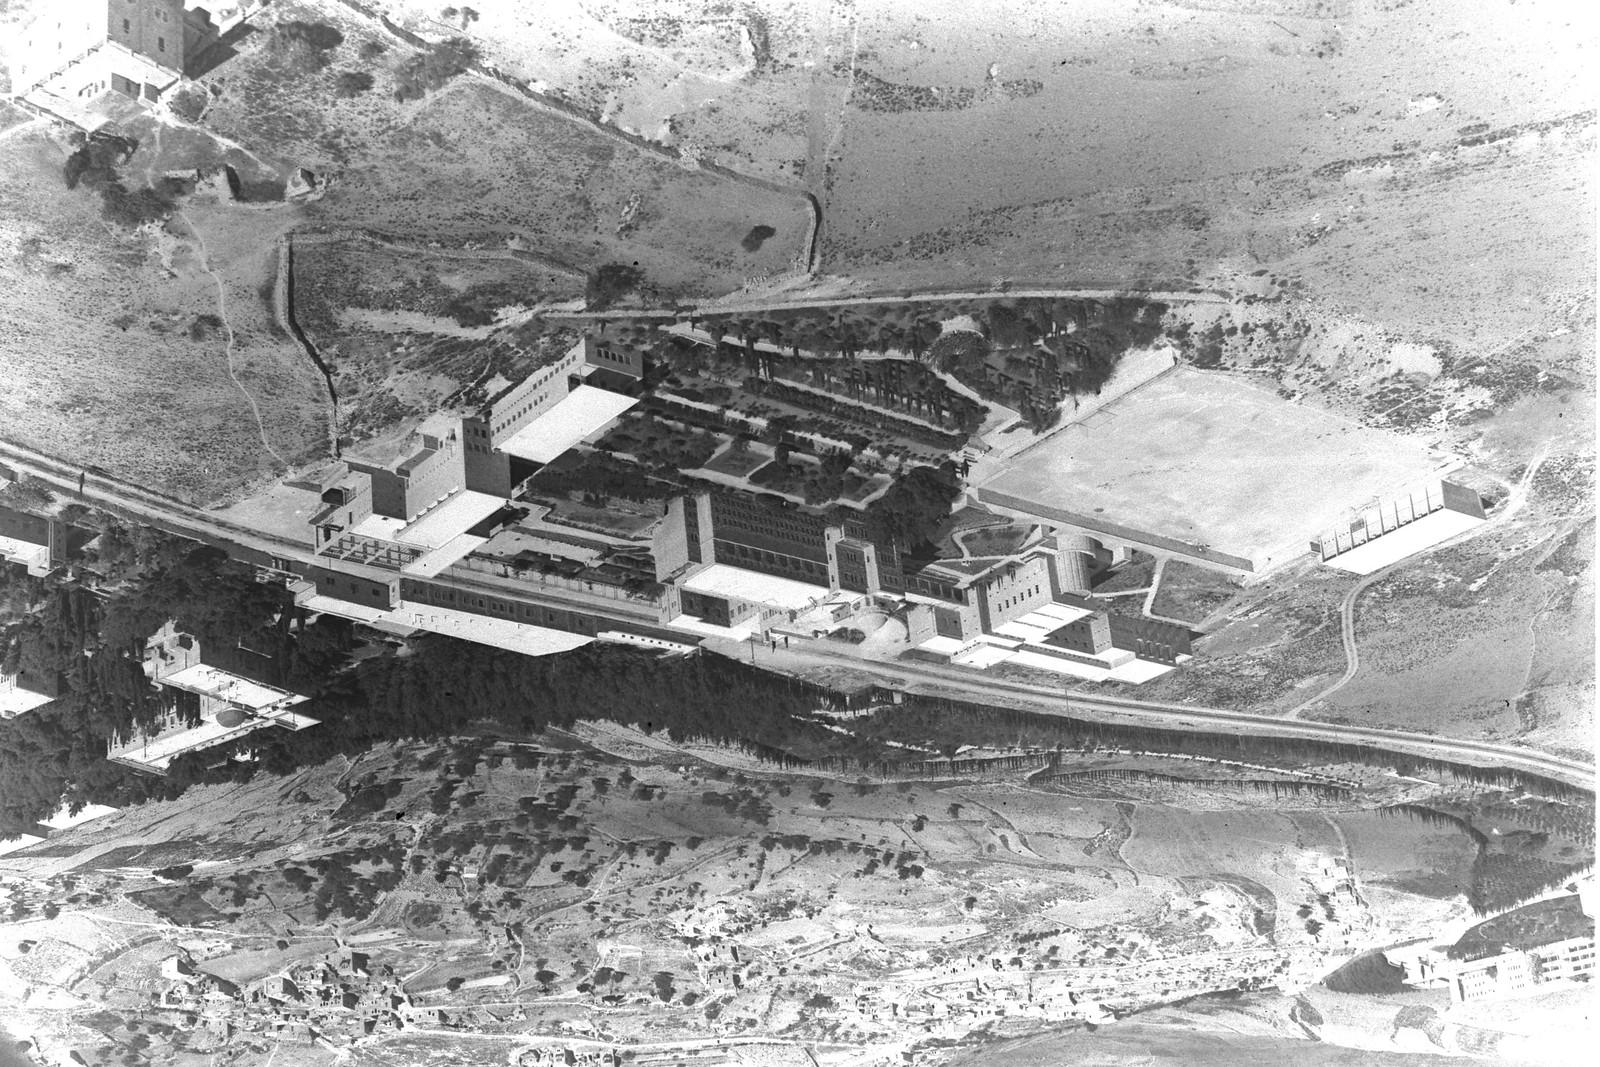 1946. Аэрофотоснимок Еврейского университета на горе Скопус